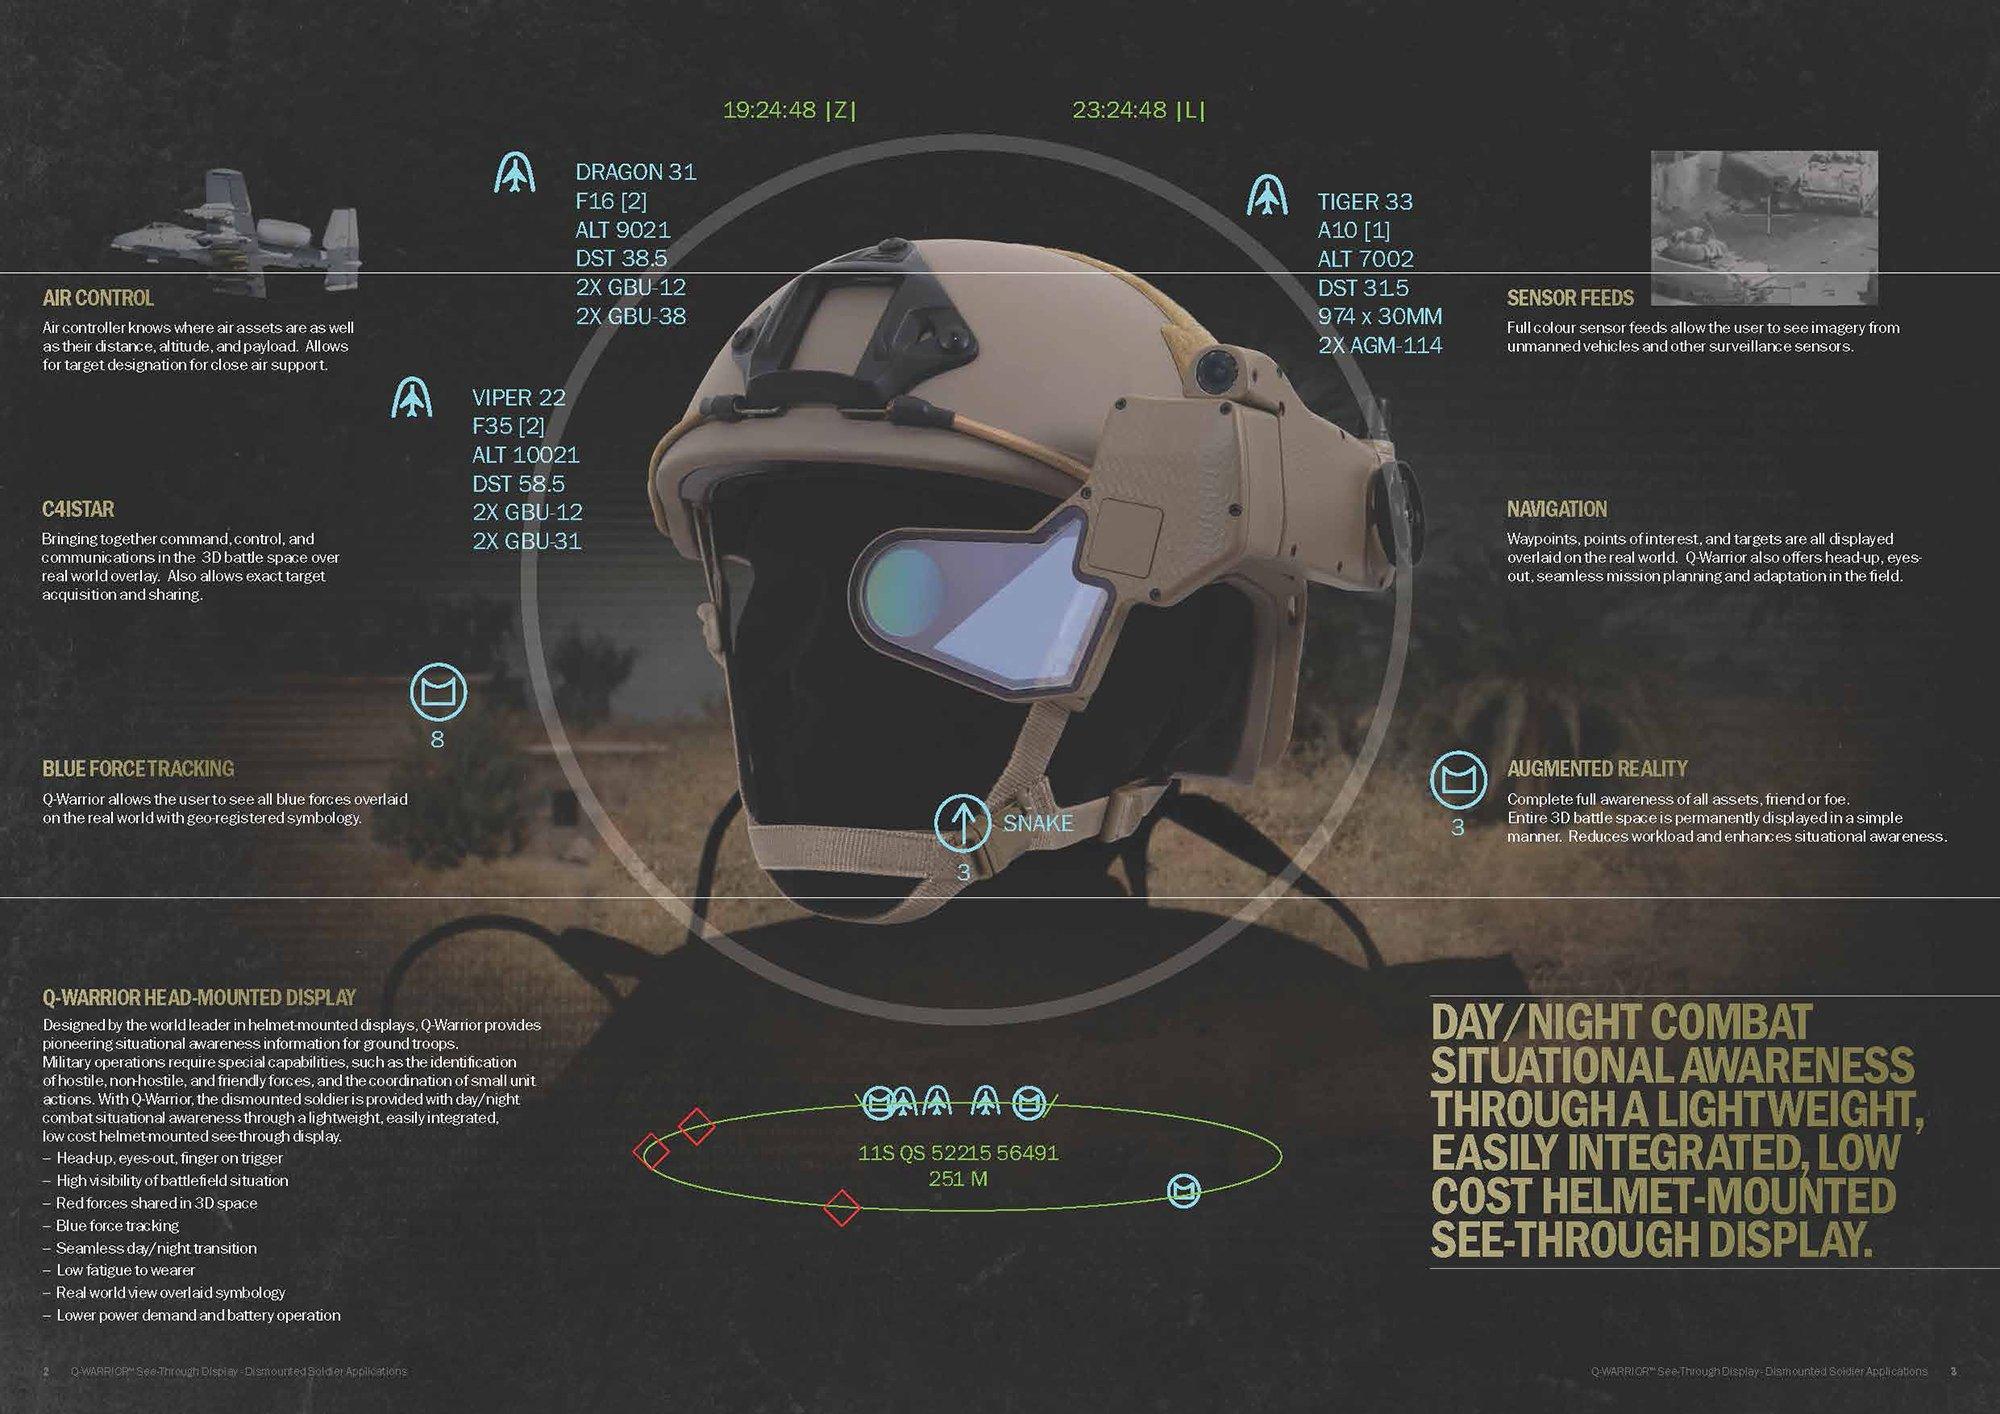 Кибер шлем для военных Q-Warrior. - Изображение 1